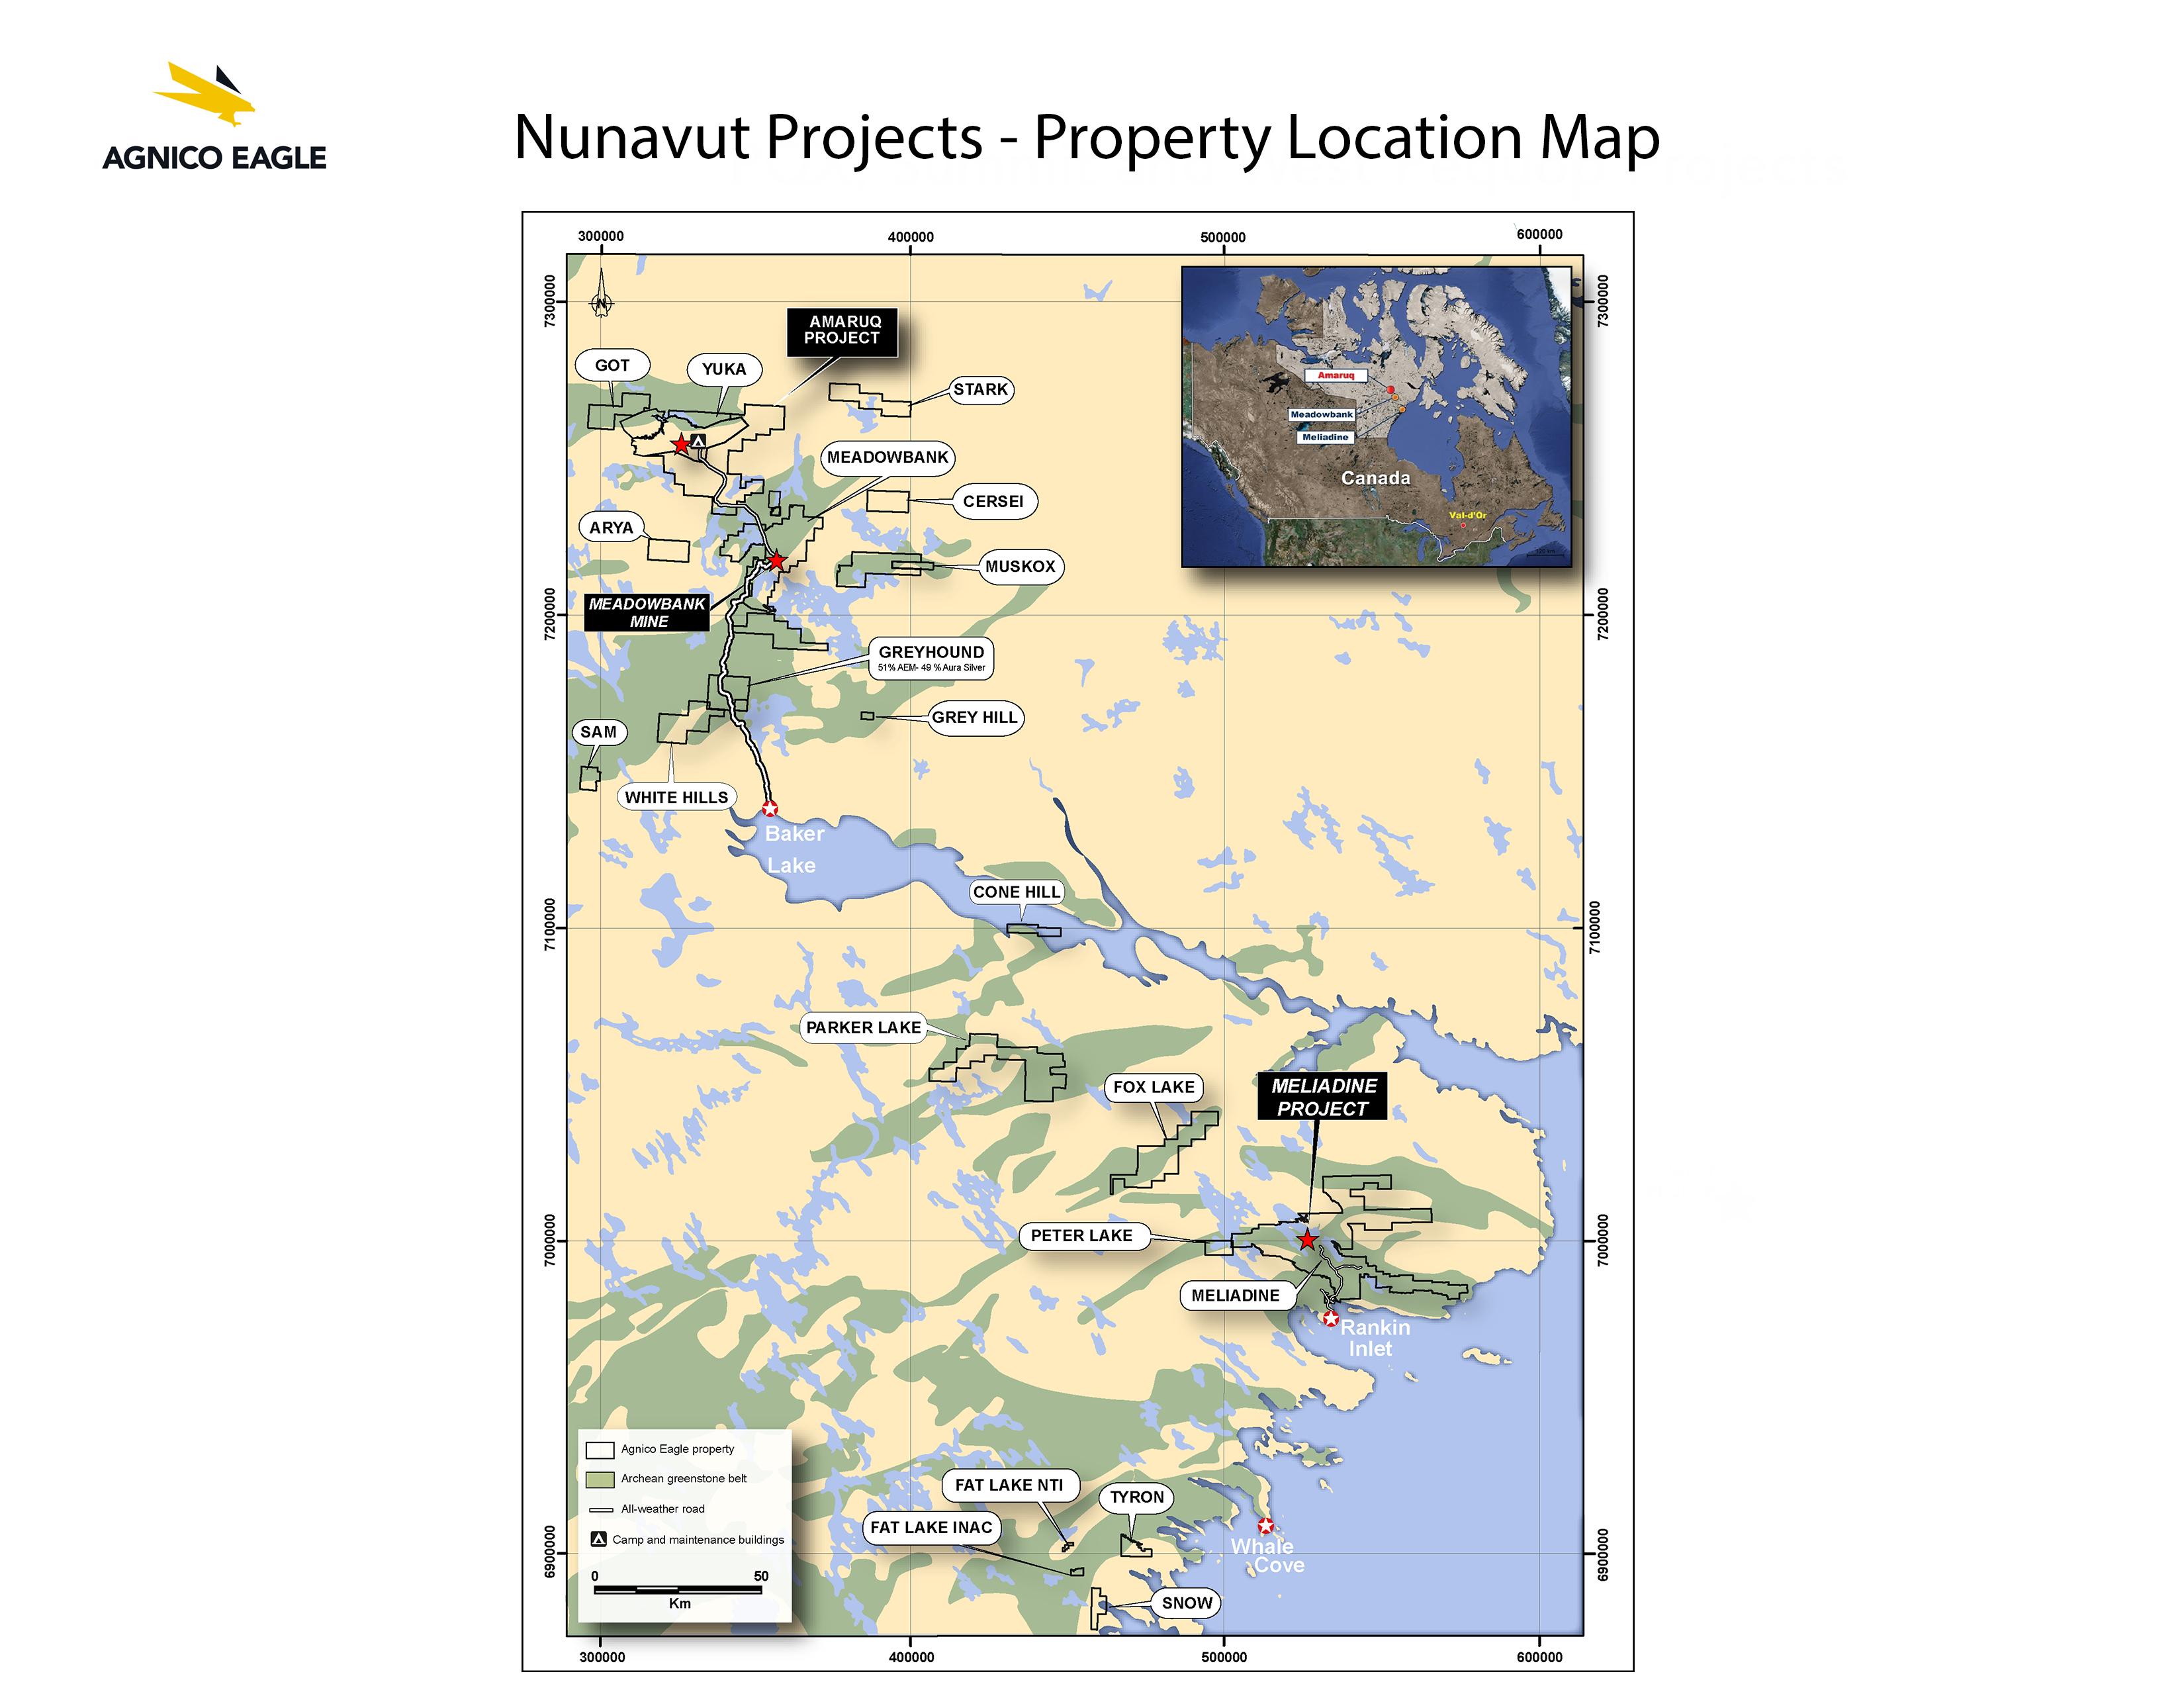 Carte Nunavut projets Agnico Eagle